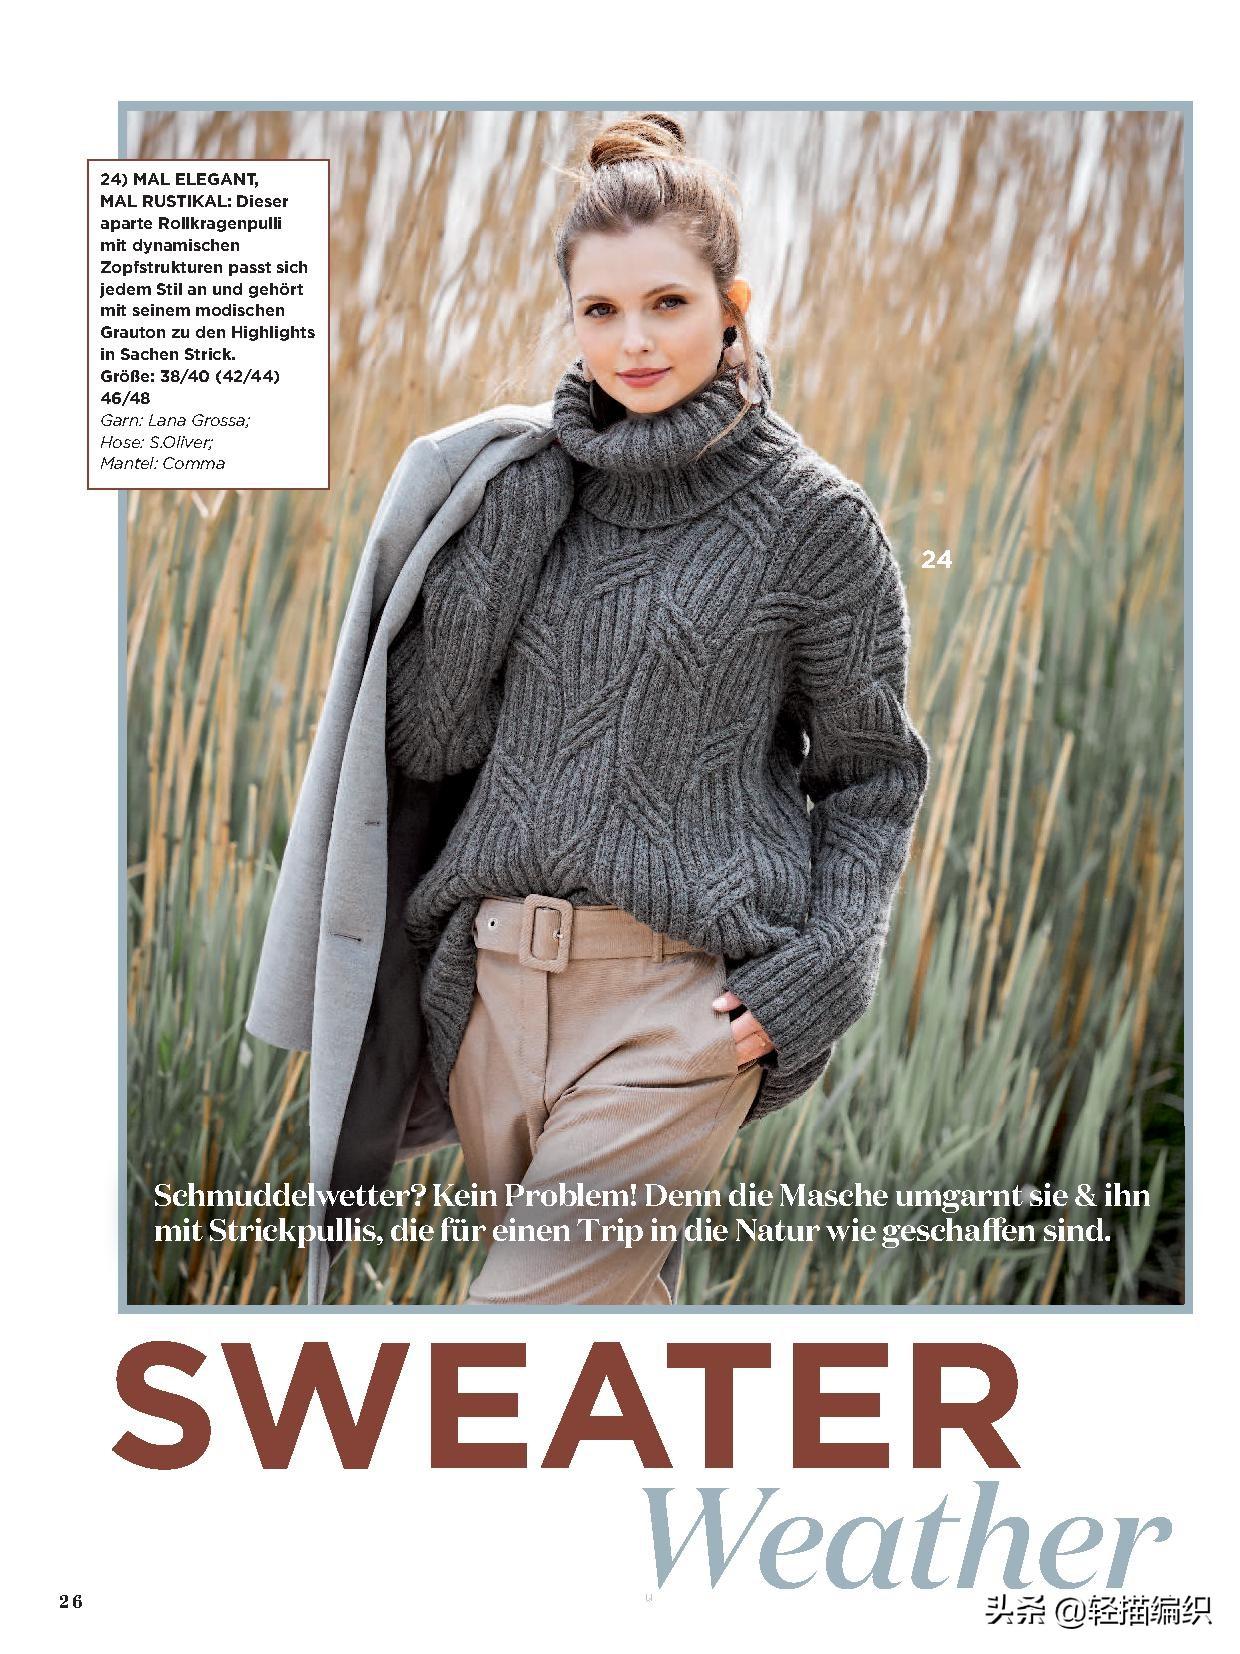 秋冬款针织衫,沉稳的灰色和咖啡色,绞花和提花图案,款款大方